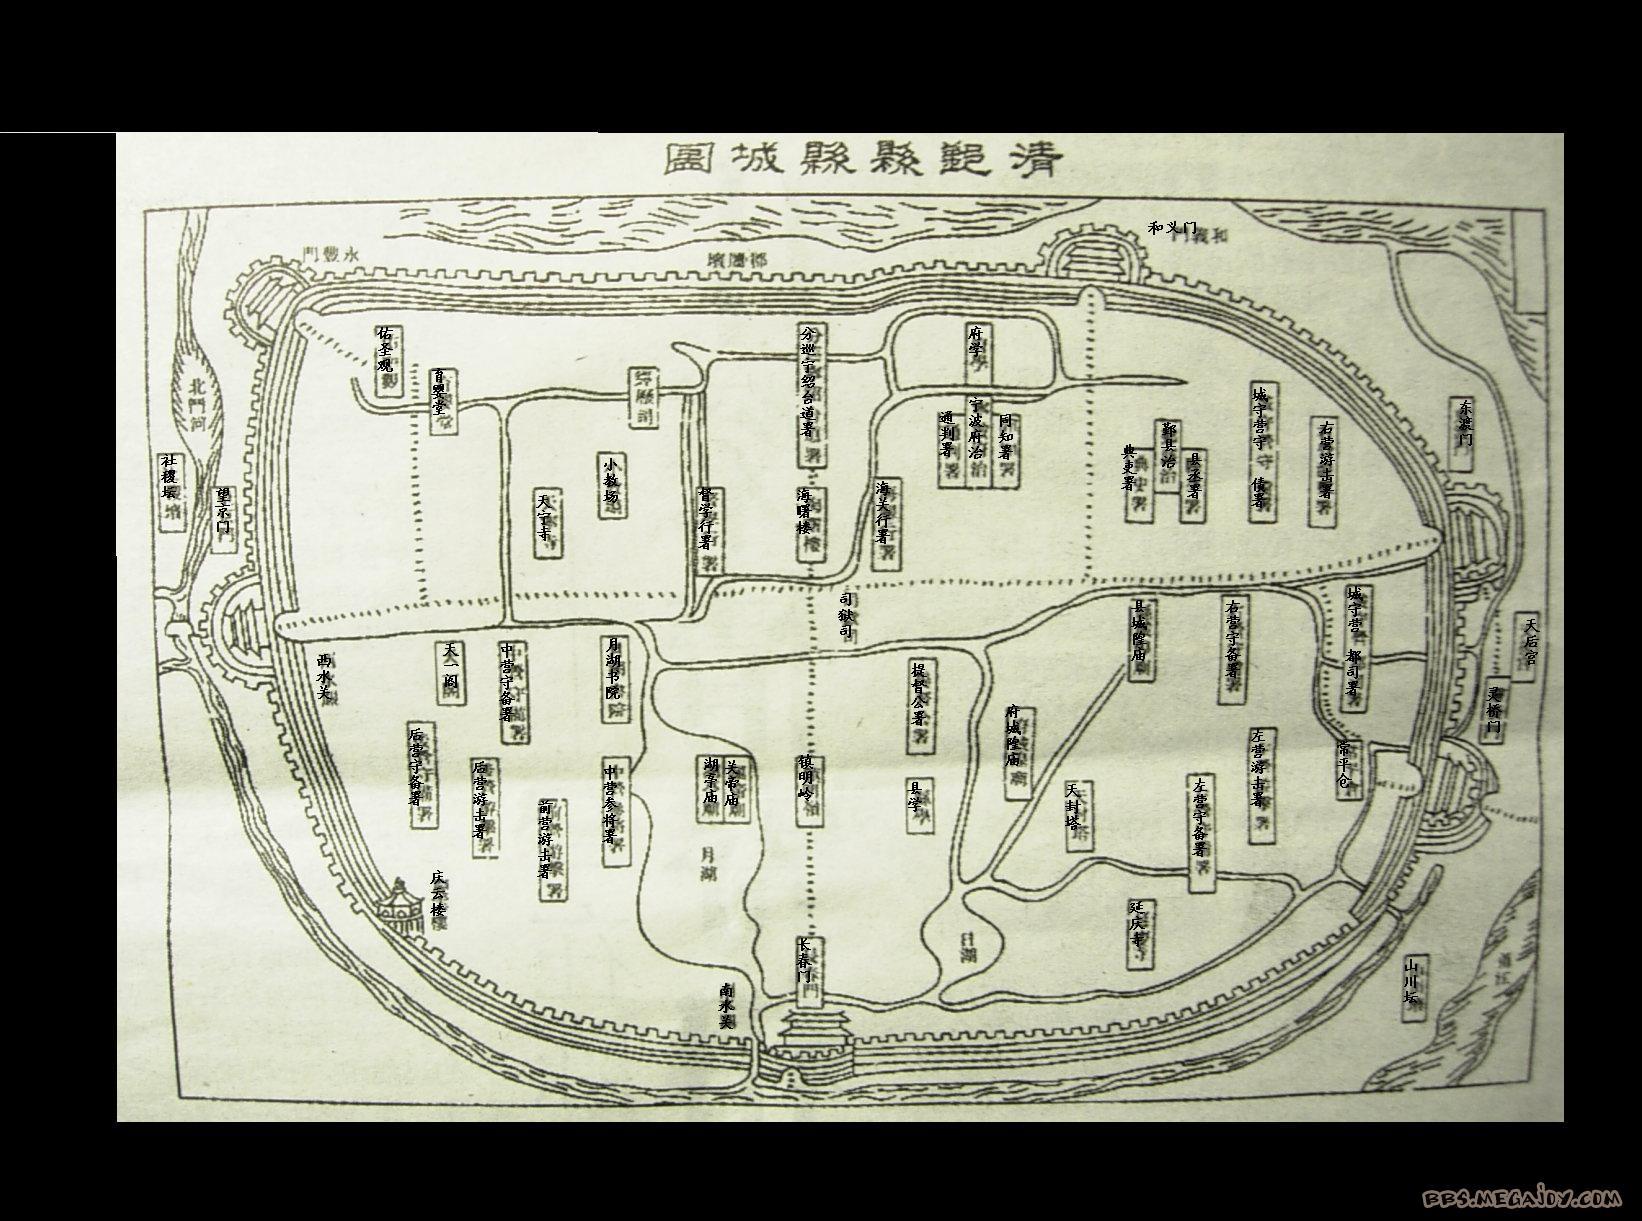 [2007-2-7]民国部分城市老地图